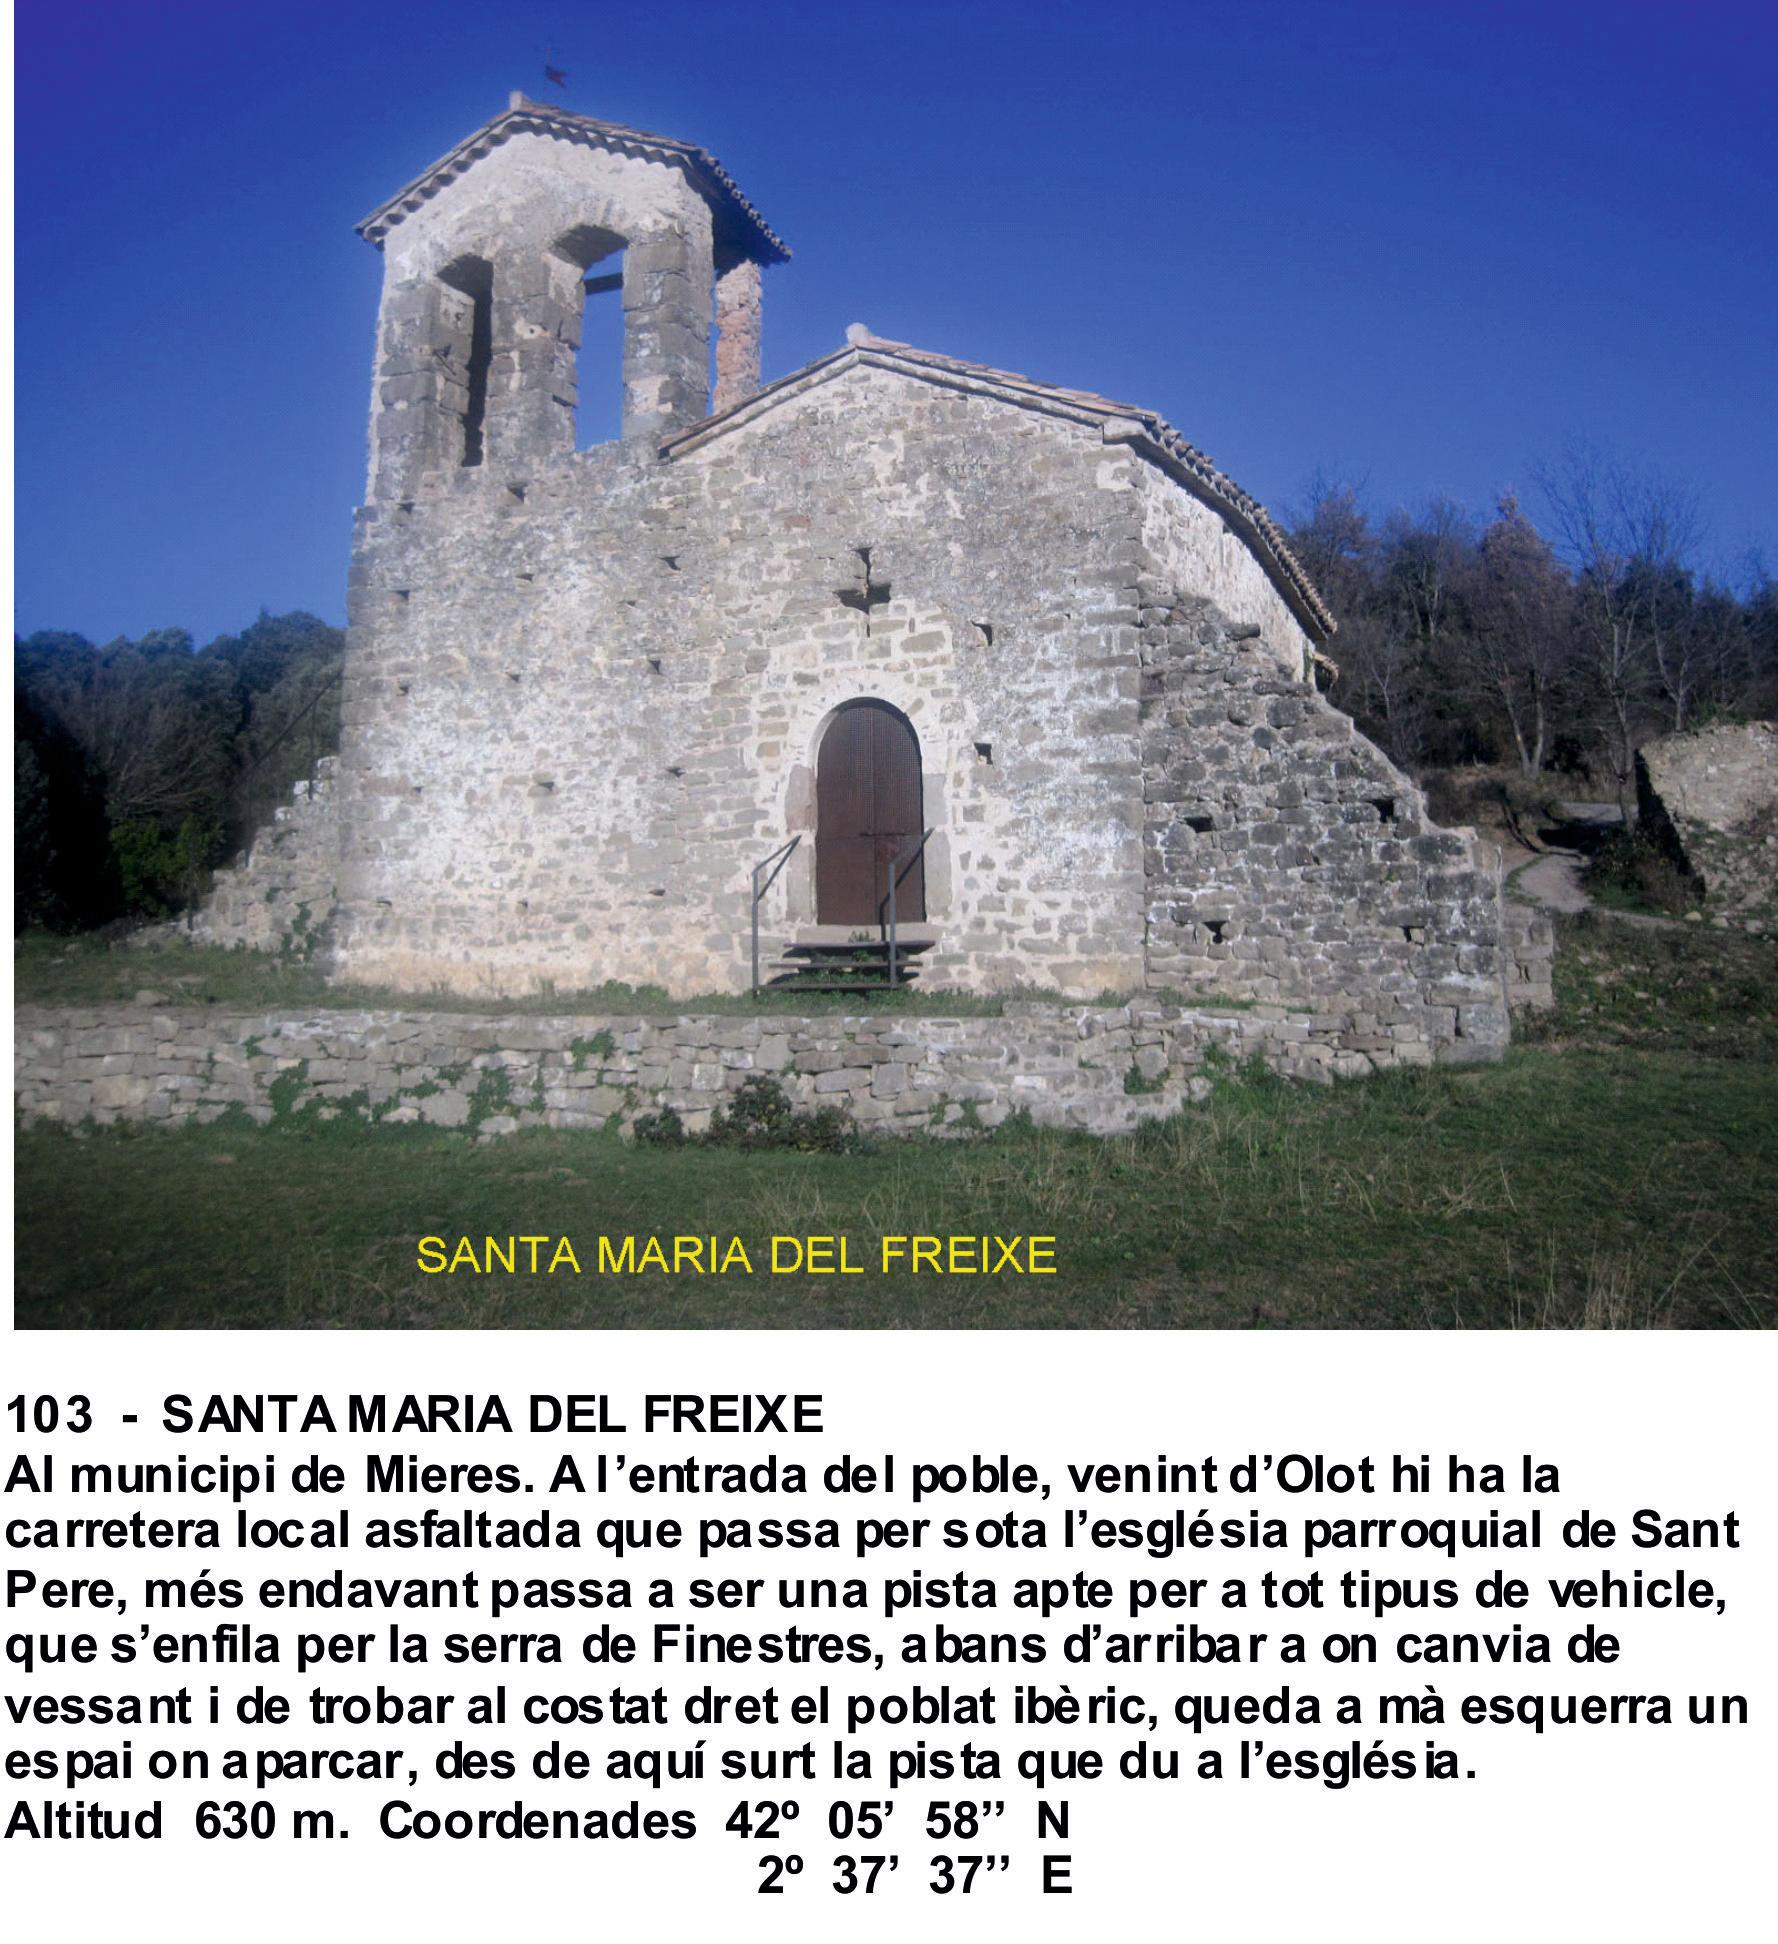 103  -  SANTA MARIA DEL FREIXE